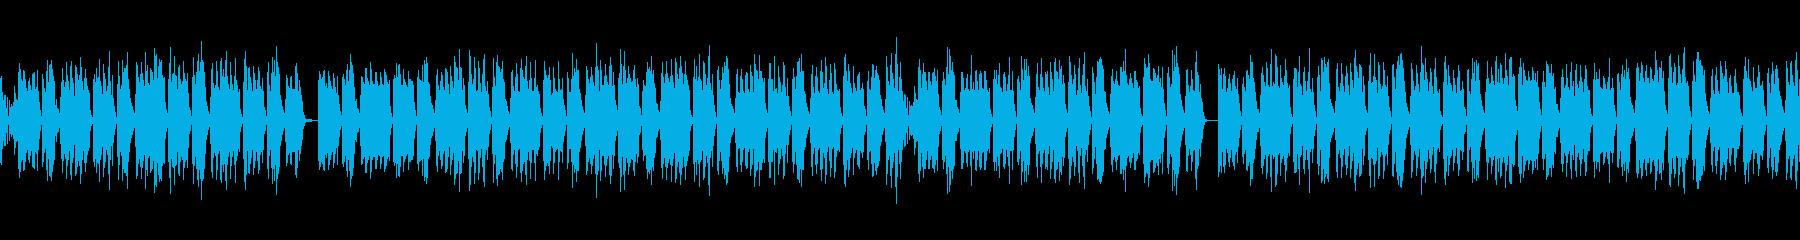 シンプルFutureBass(ループ)の再生済みの波形